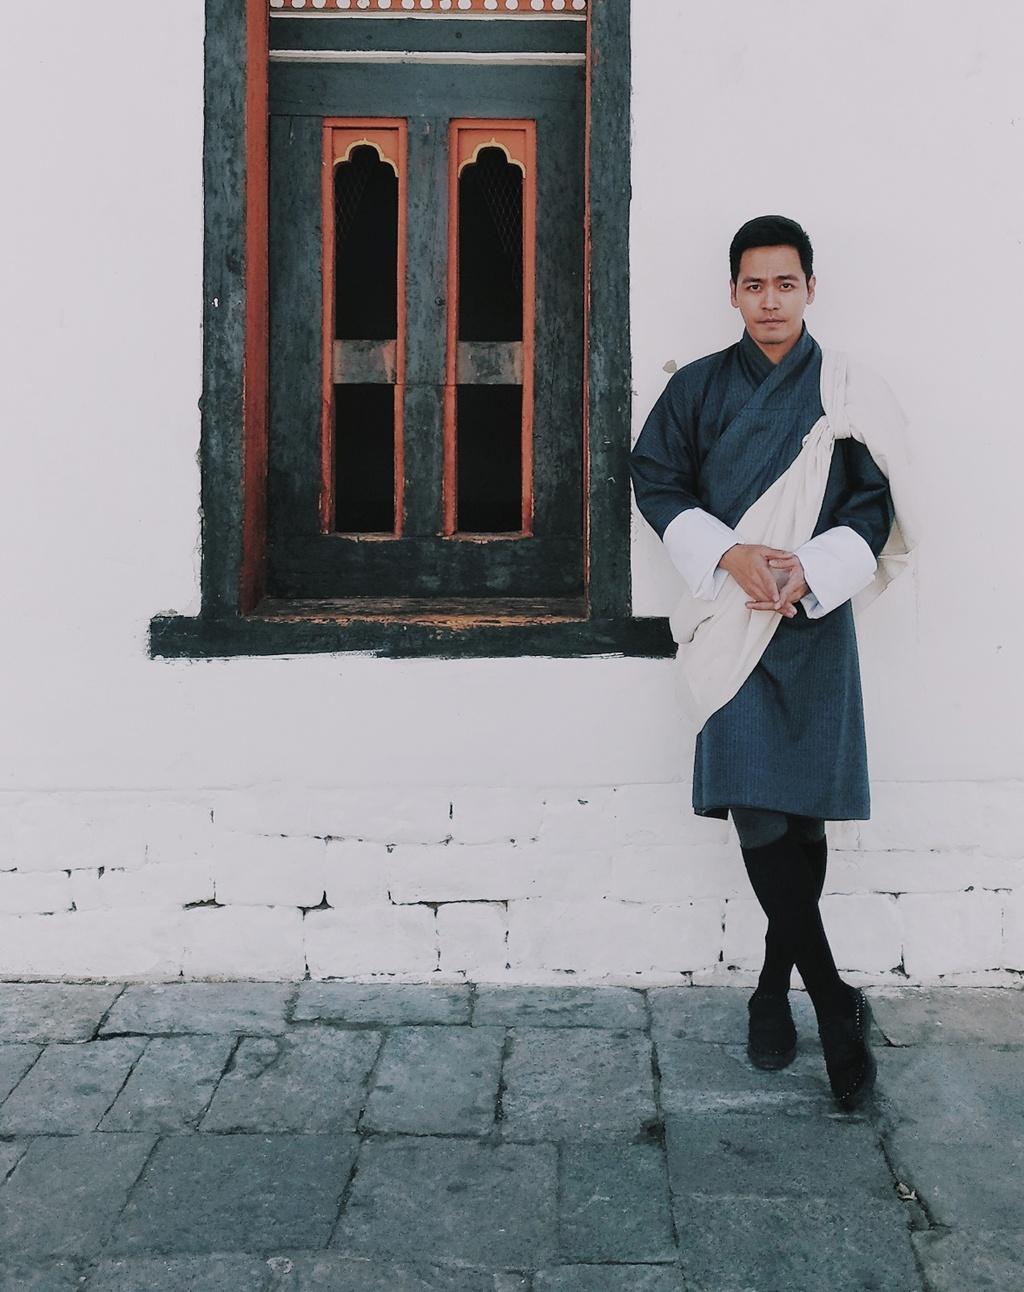 Den Bhutan tim phan con lai cua thien duong hinh anh 4